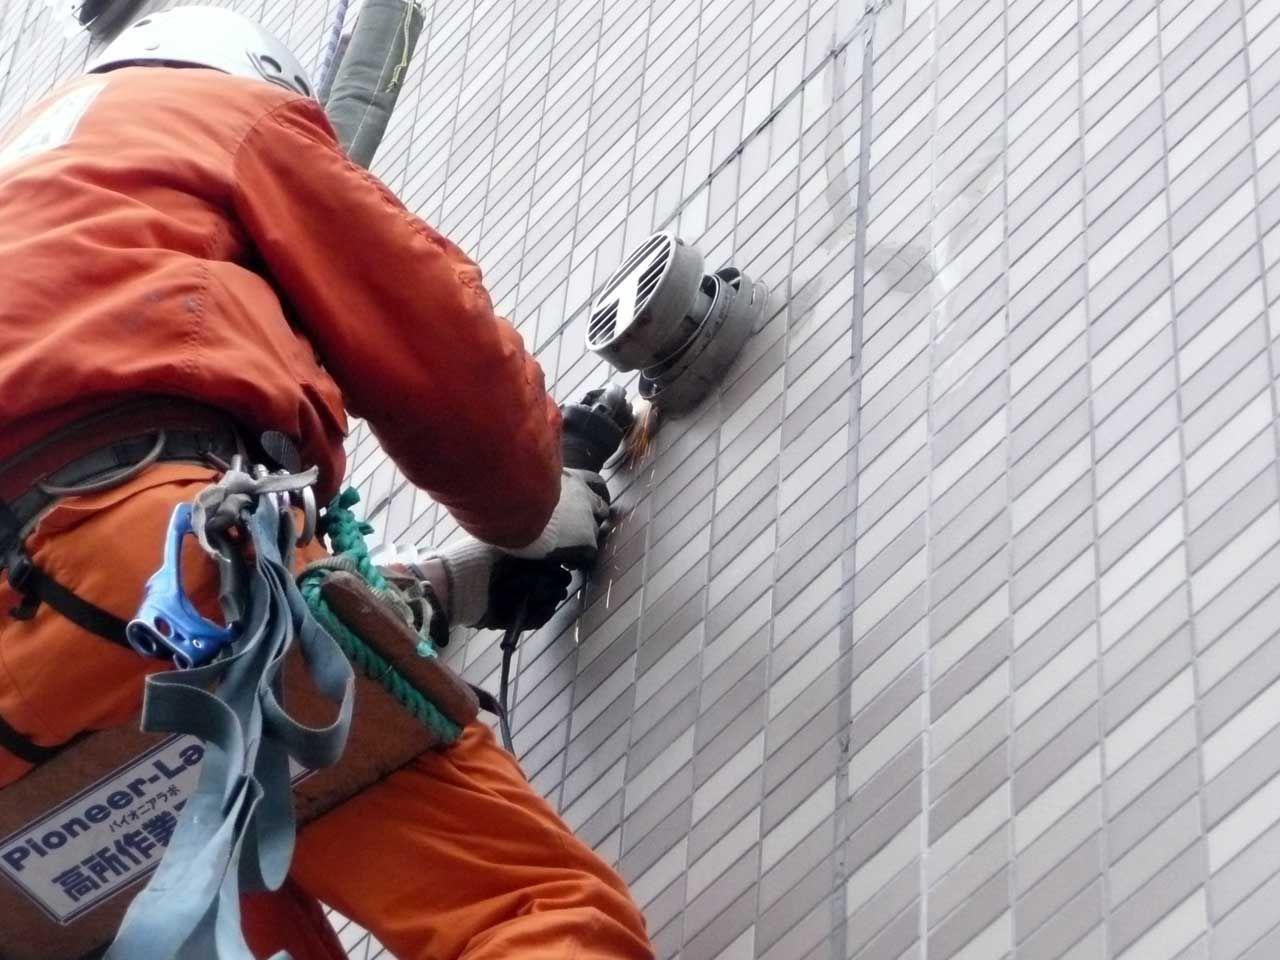 ロープアクセス技術を使った外壁設備設置工事。【高所作業チーム】